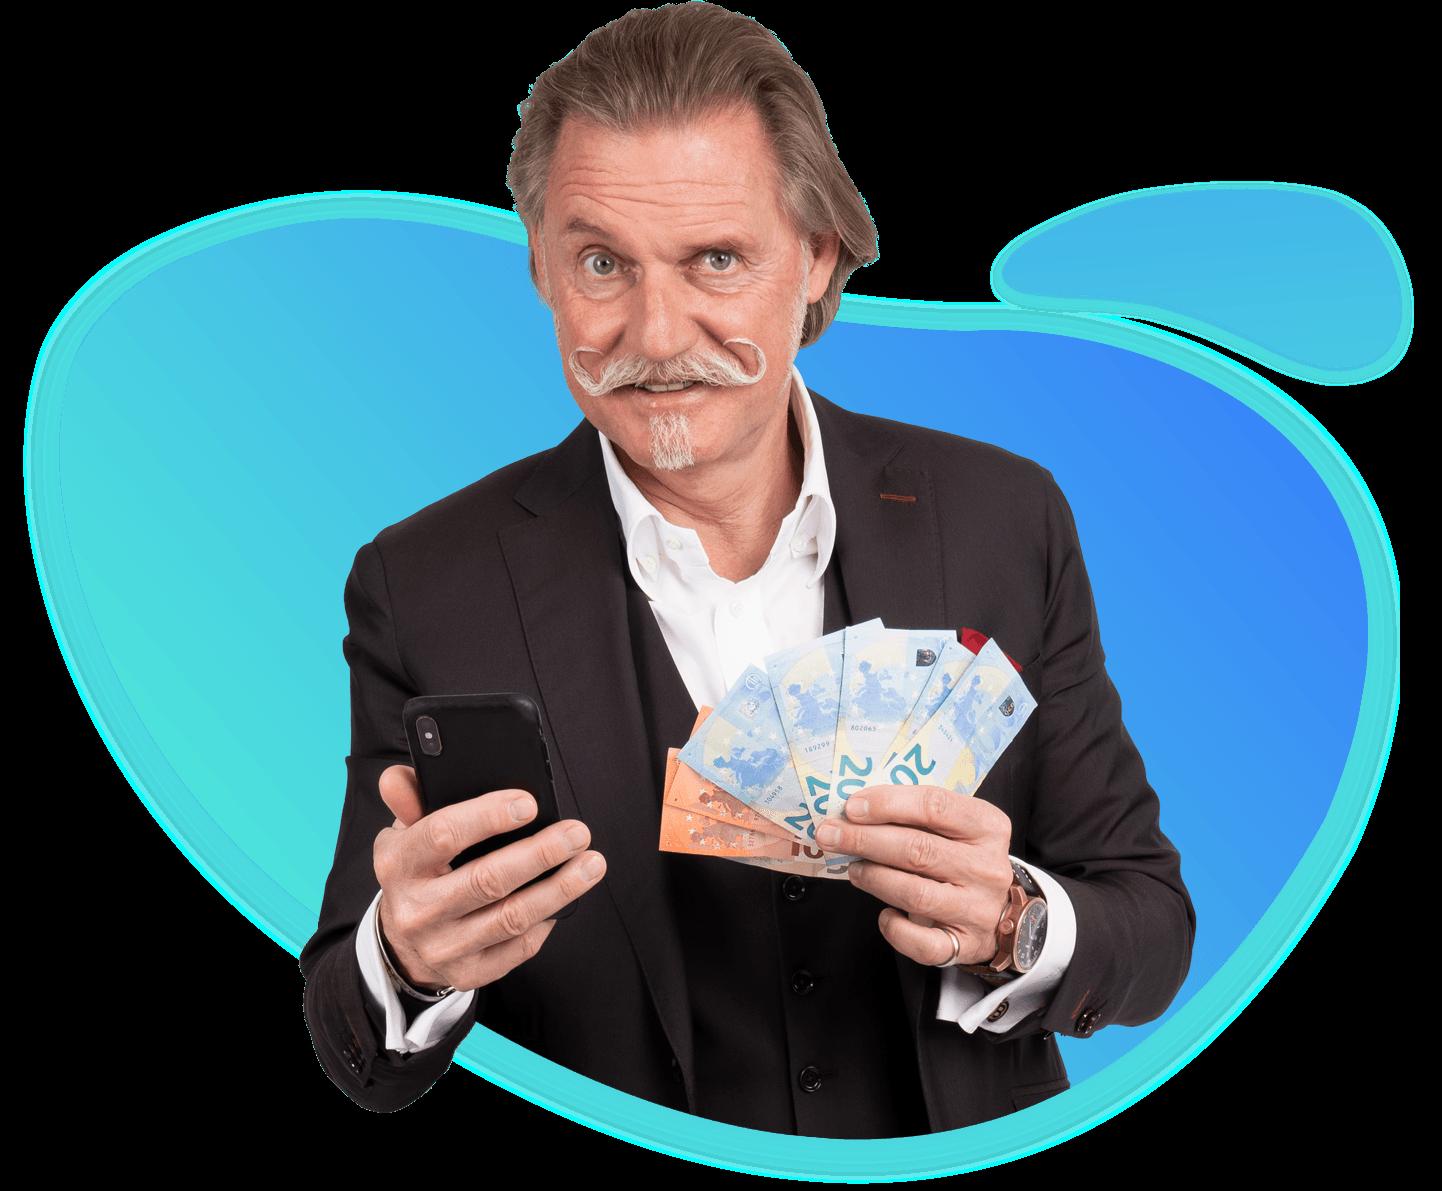 Anwalt Ingo Lenßen hält Geldscheine in der Hand in der